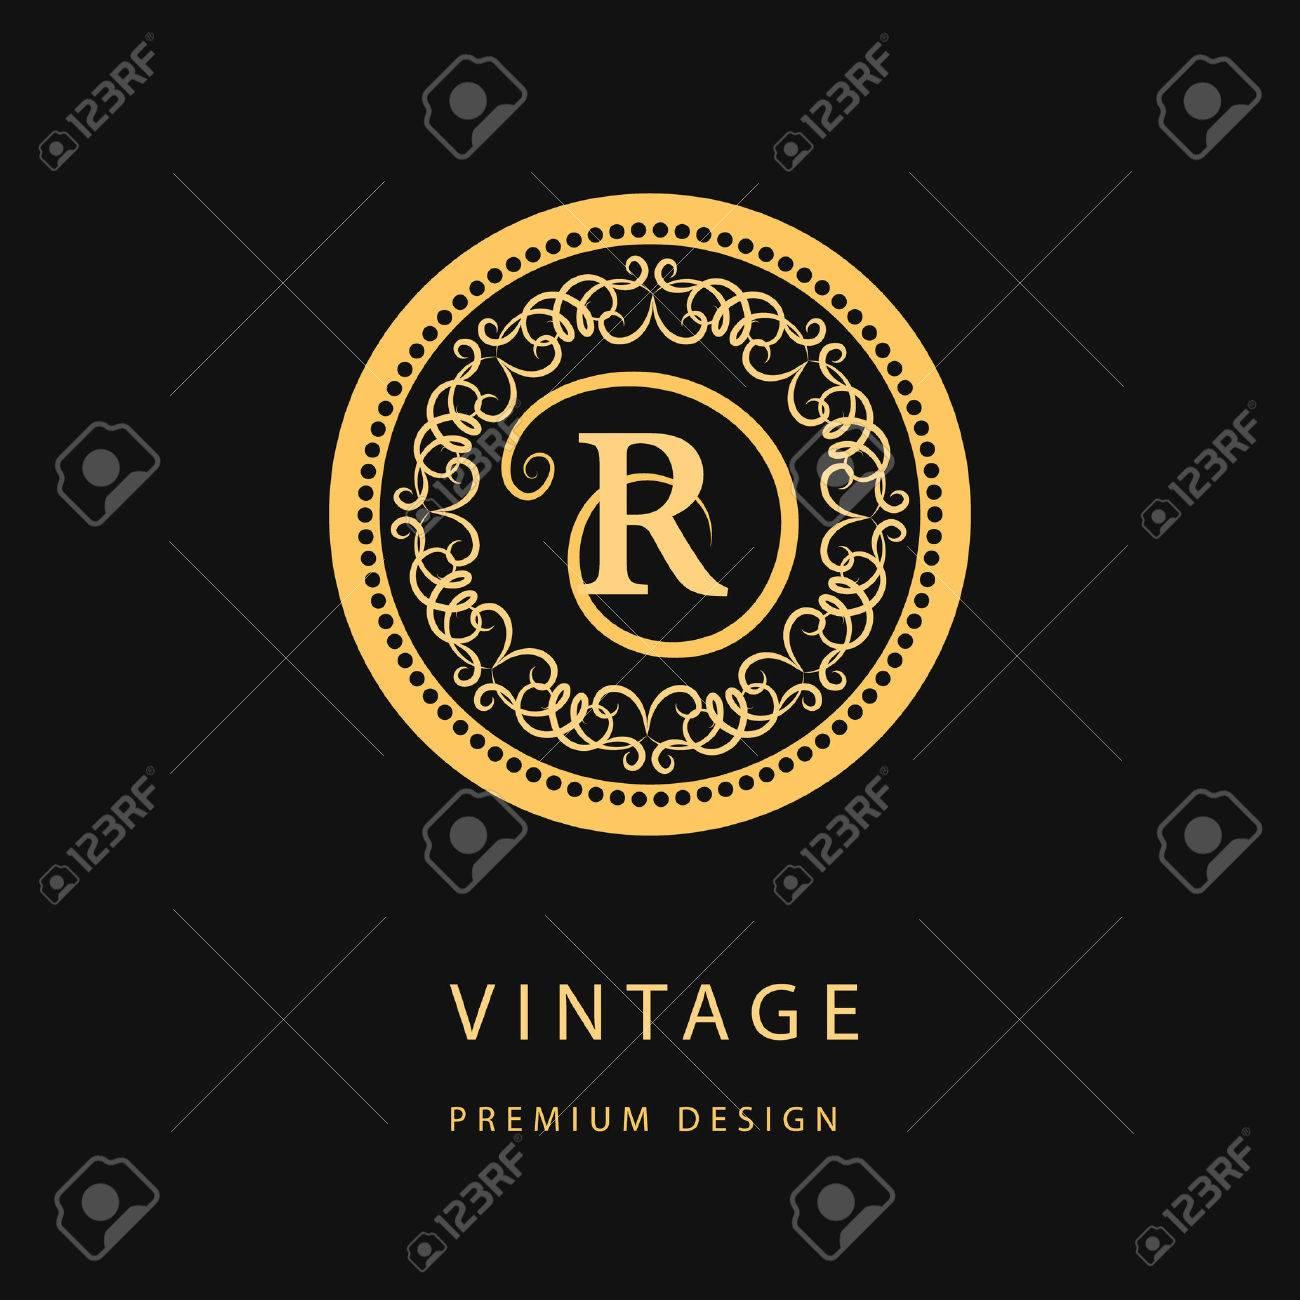 Monogram design elements, graceful template. Calligraphic elegant line art logo design. Letter emblem R for Royalty, business card, Boutique, Hotel, Restaurant, Cafe, Jewelry. Vector illustration - 42613409